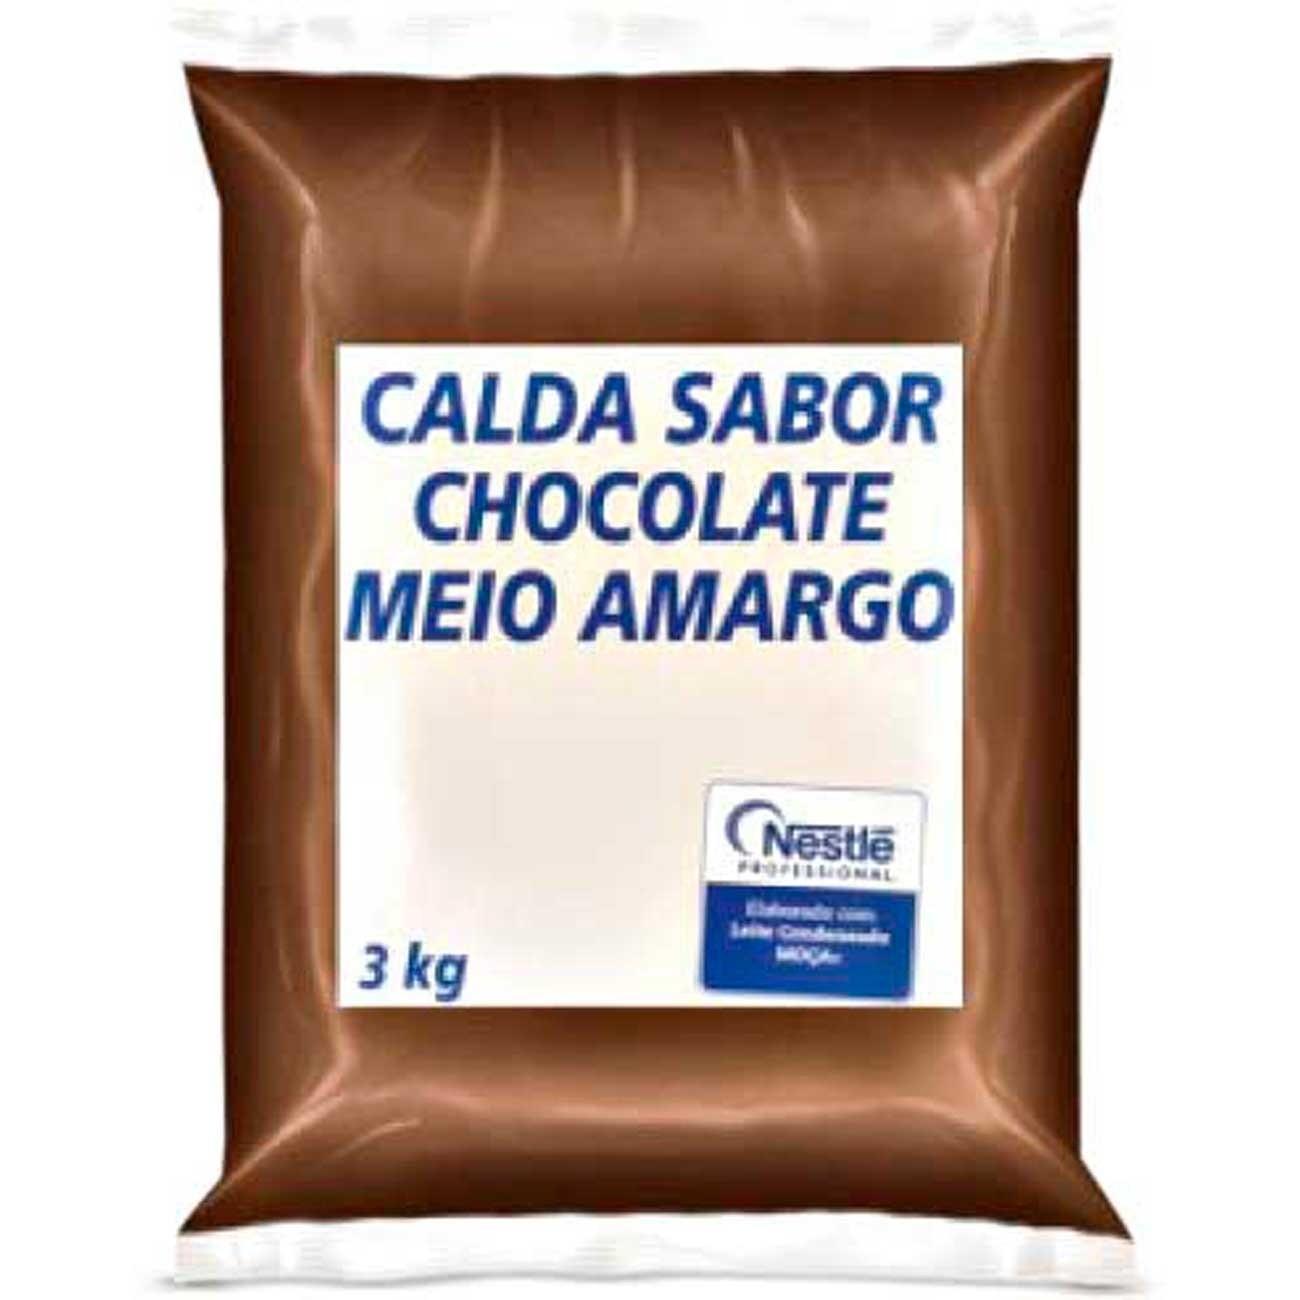 CALDA CHOCOLATE MEIO AMARGO 3KG NESTLÉ